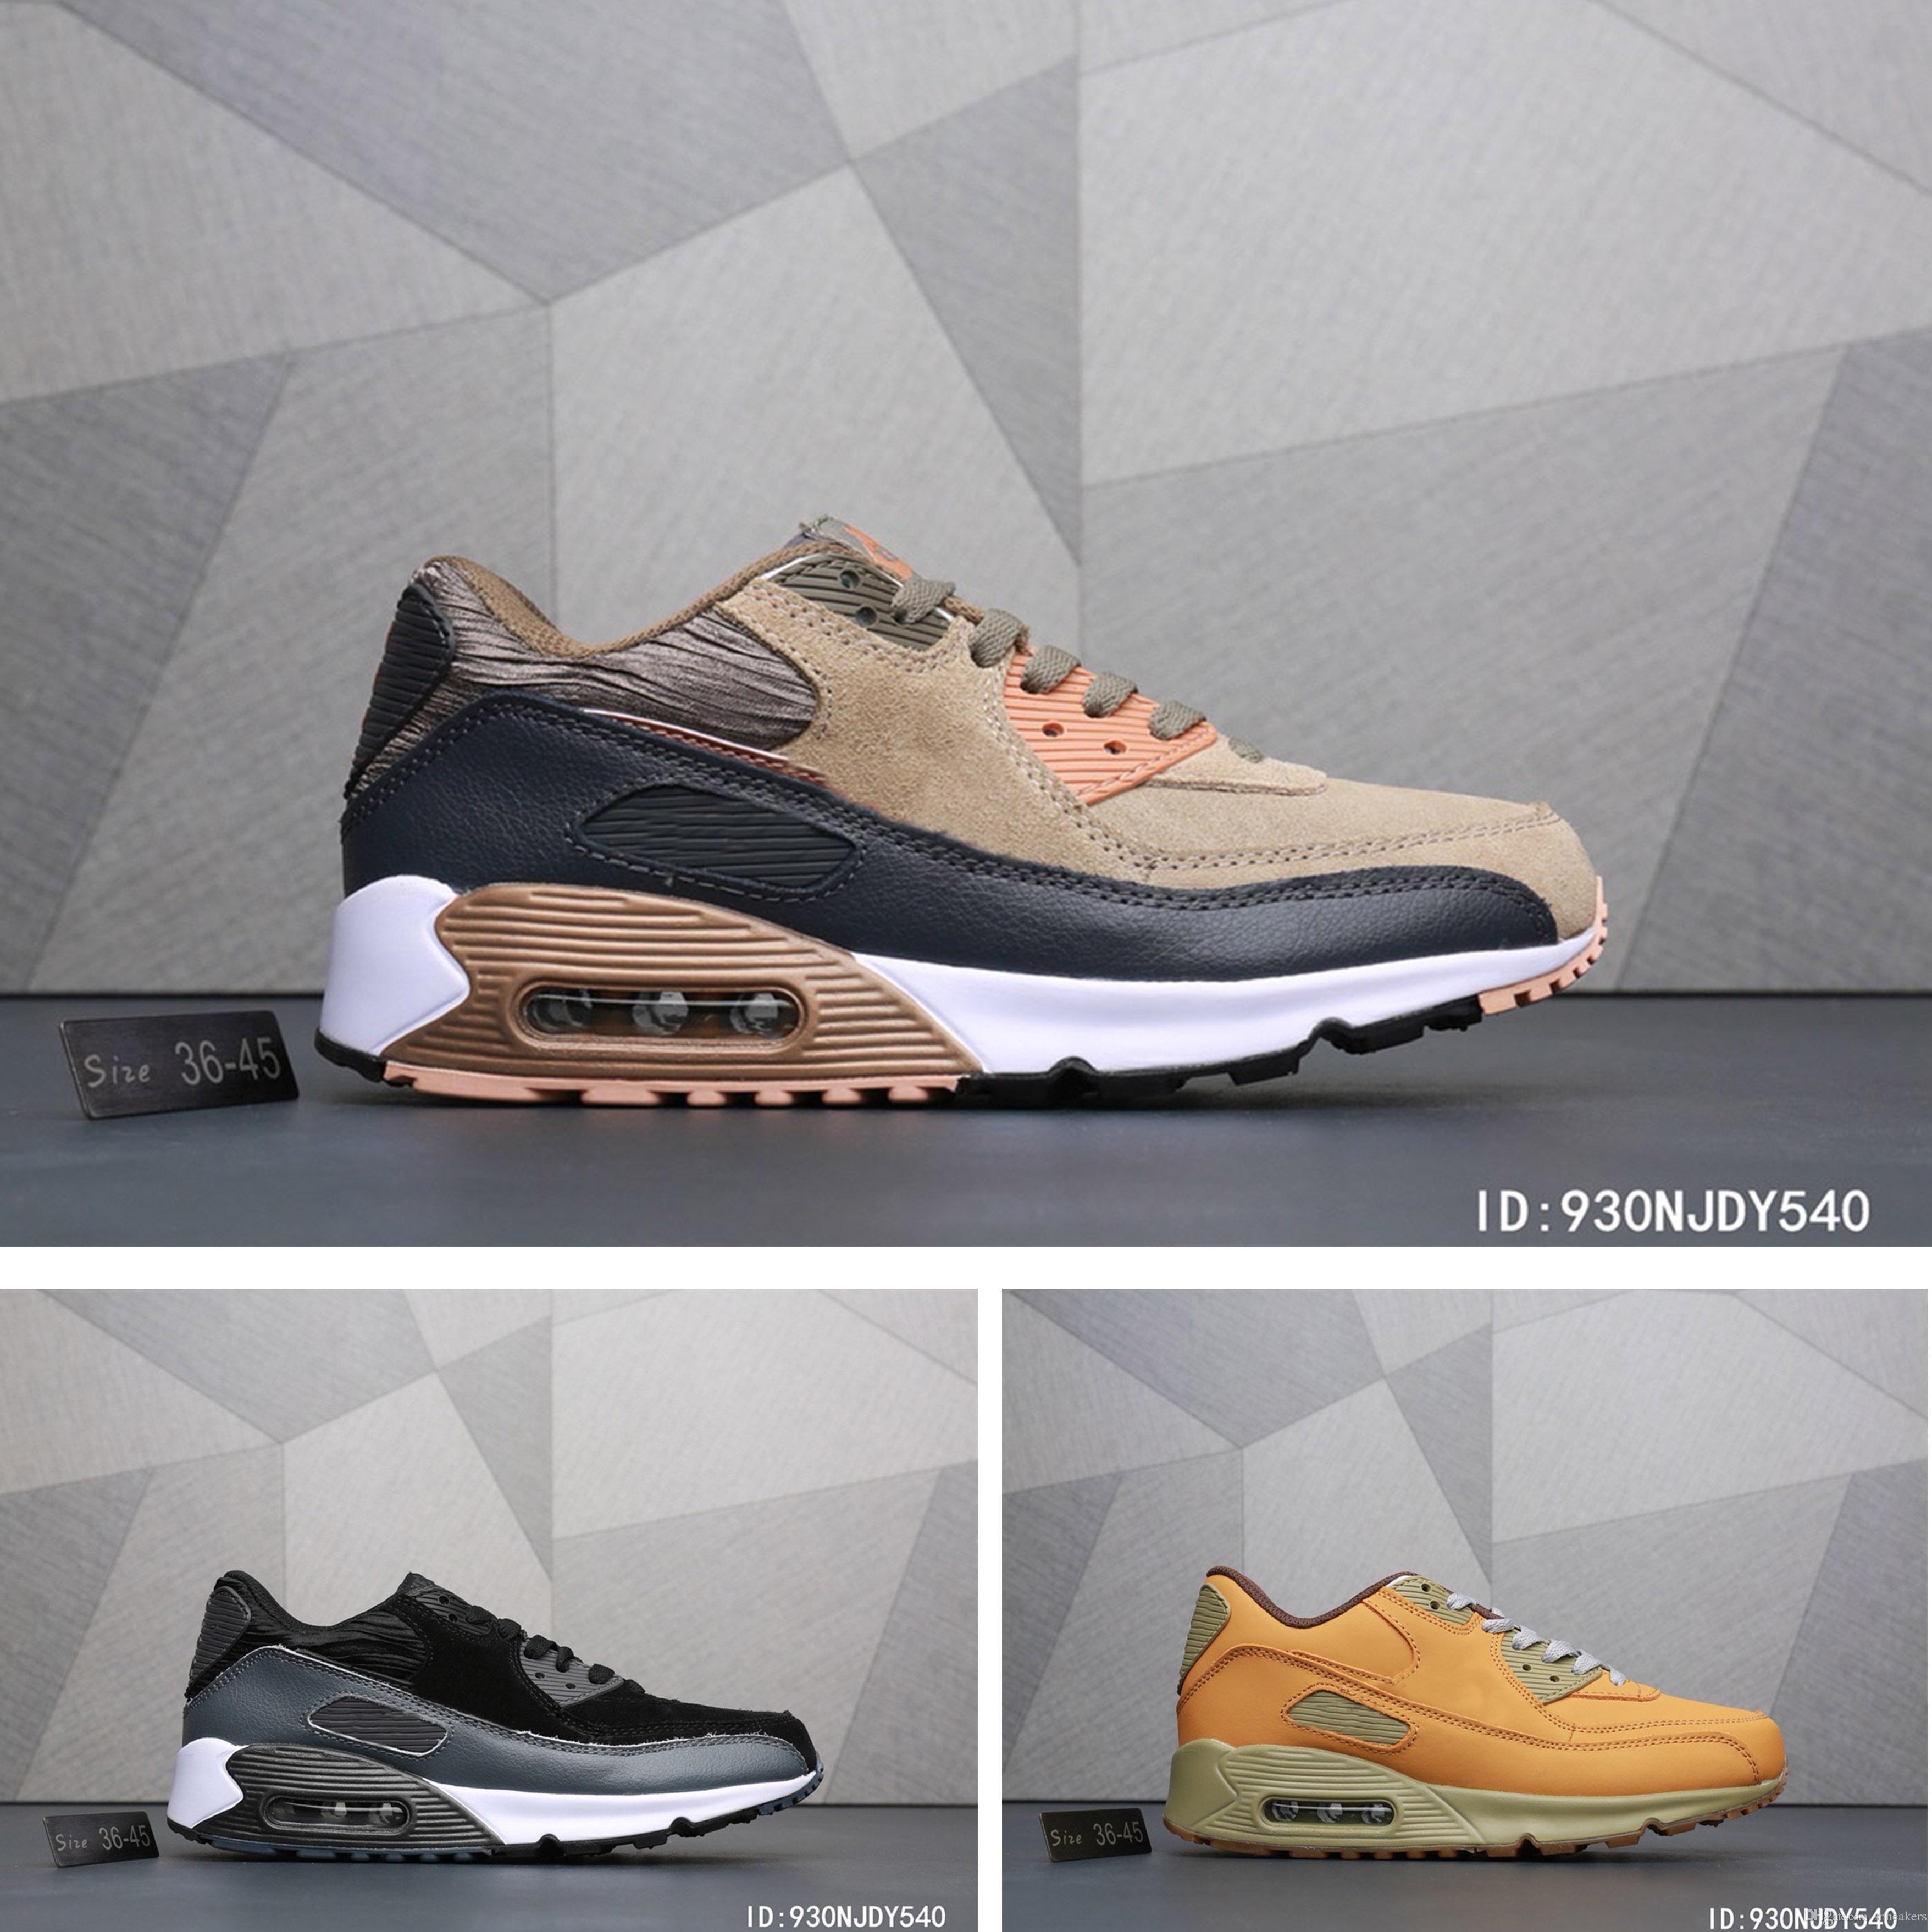 Air Hommes Trainer Shoes Nike Marque Chaussures 90 Respirante Max Women Surface Pour Décontractée Cushion Nouvelle De PTkZiuOX